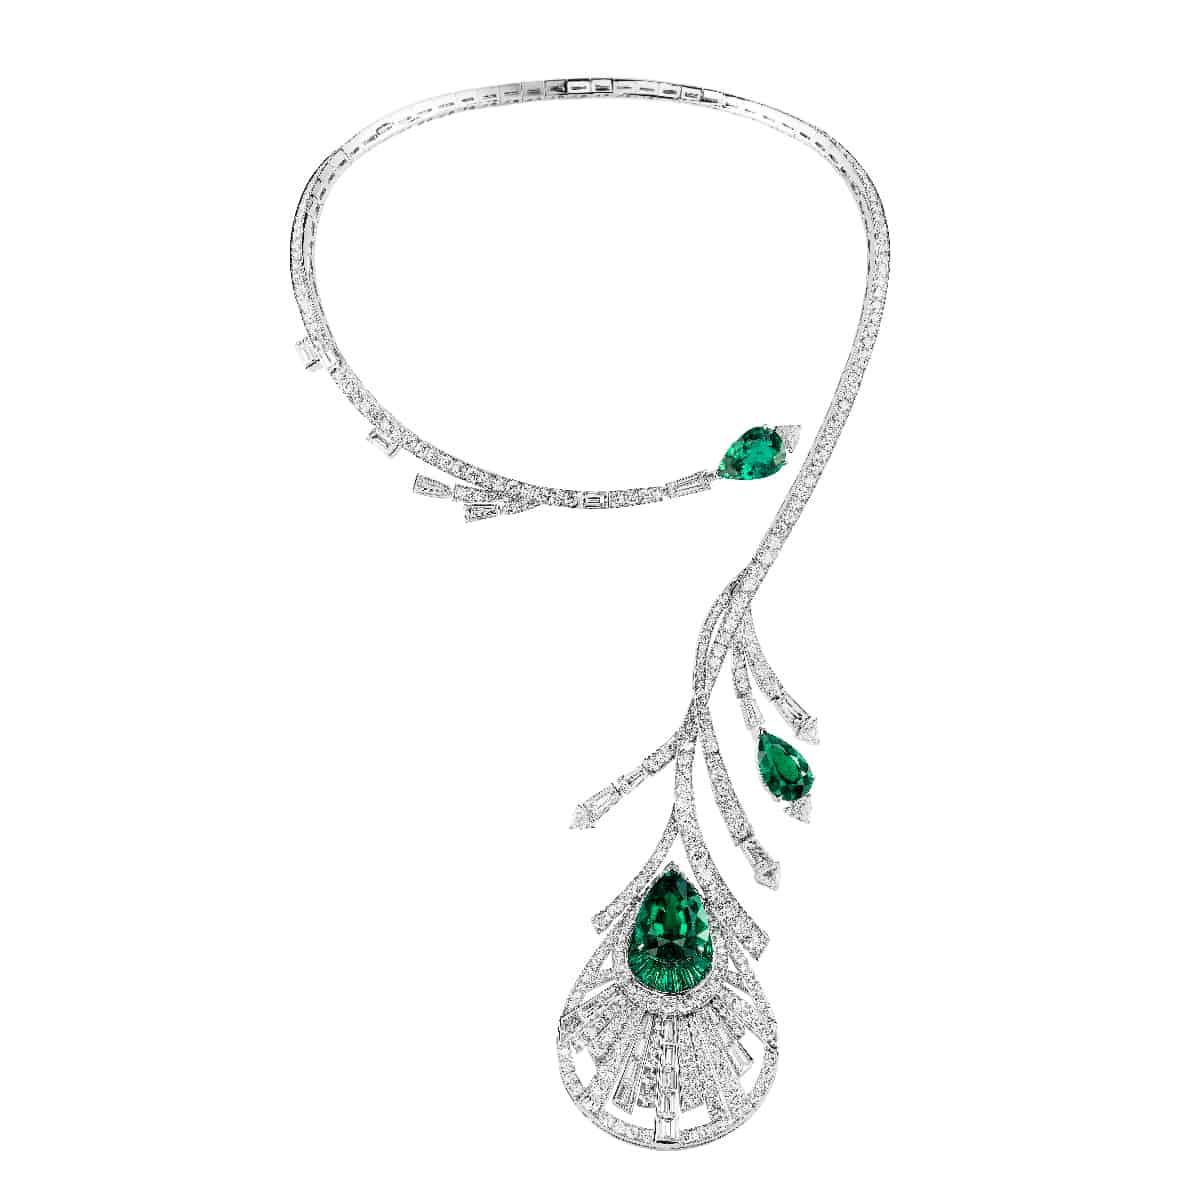 مجوهرات بوشورون: عقد ريشة الطاووس